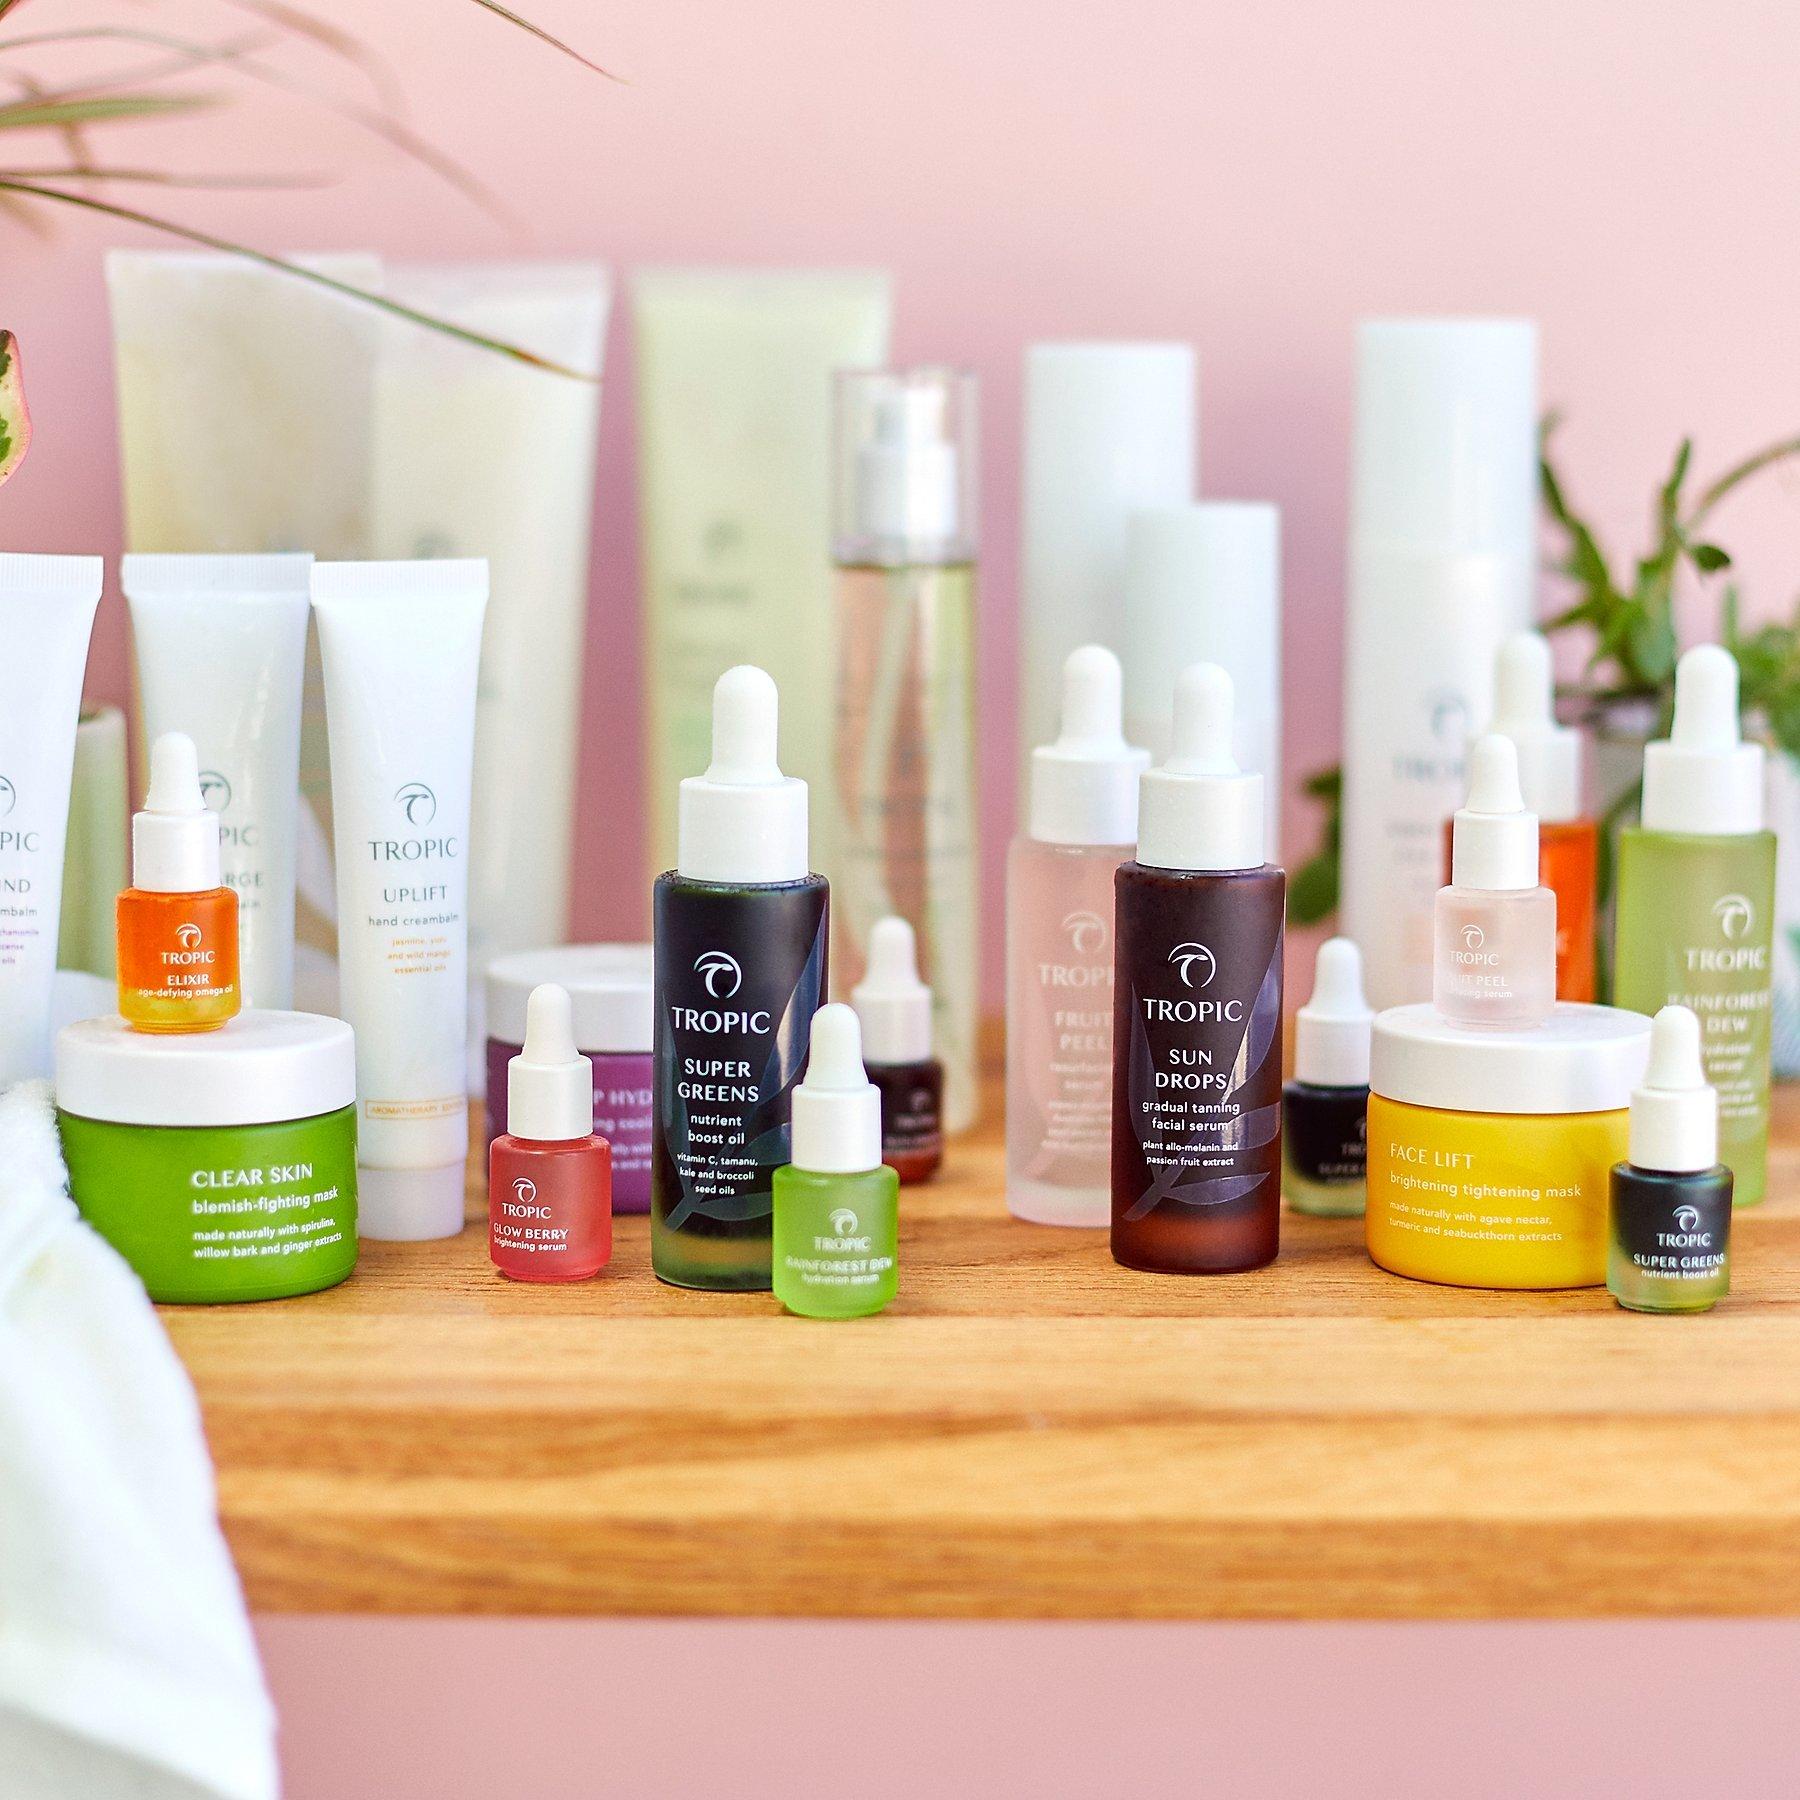 Tropic Skincare Surrey